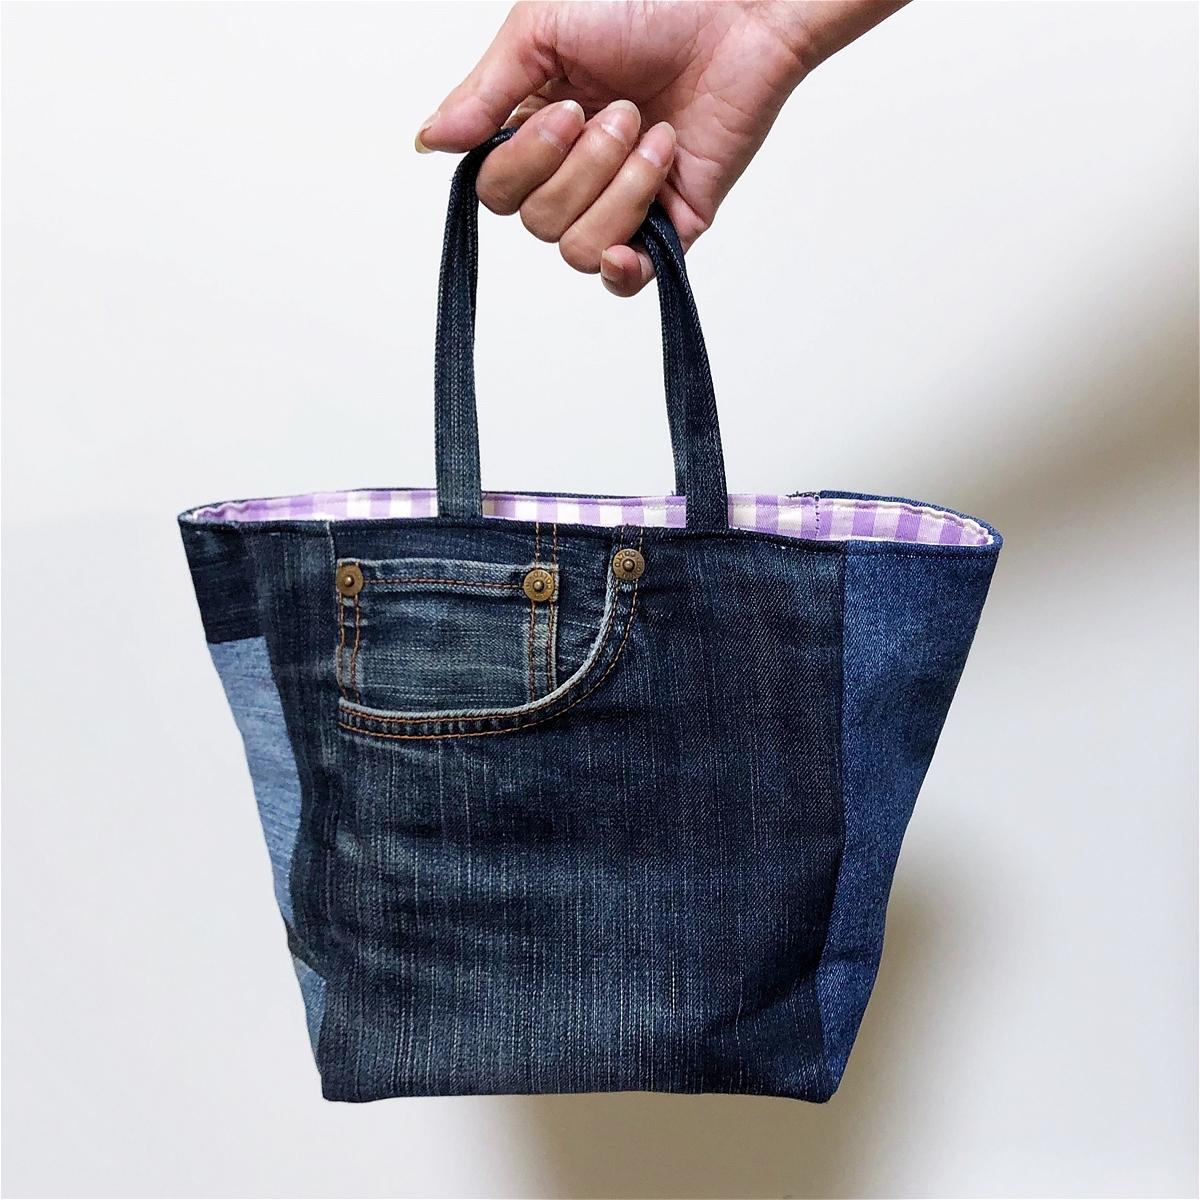 トートバッグ ミニ リメイクデニム ちょっとそこまでお出かけサイズ 芯あり 内布あり